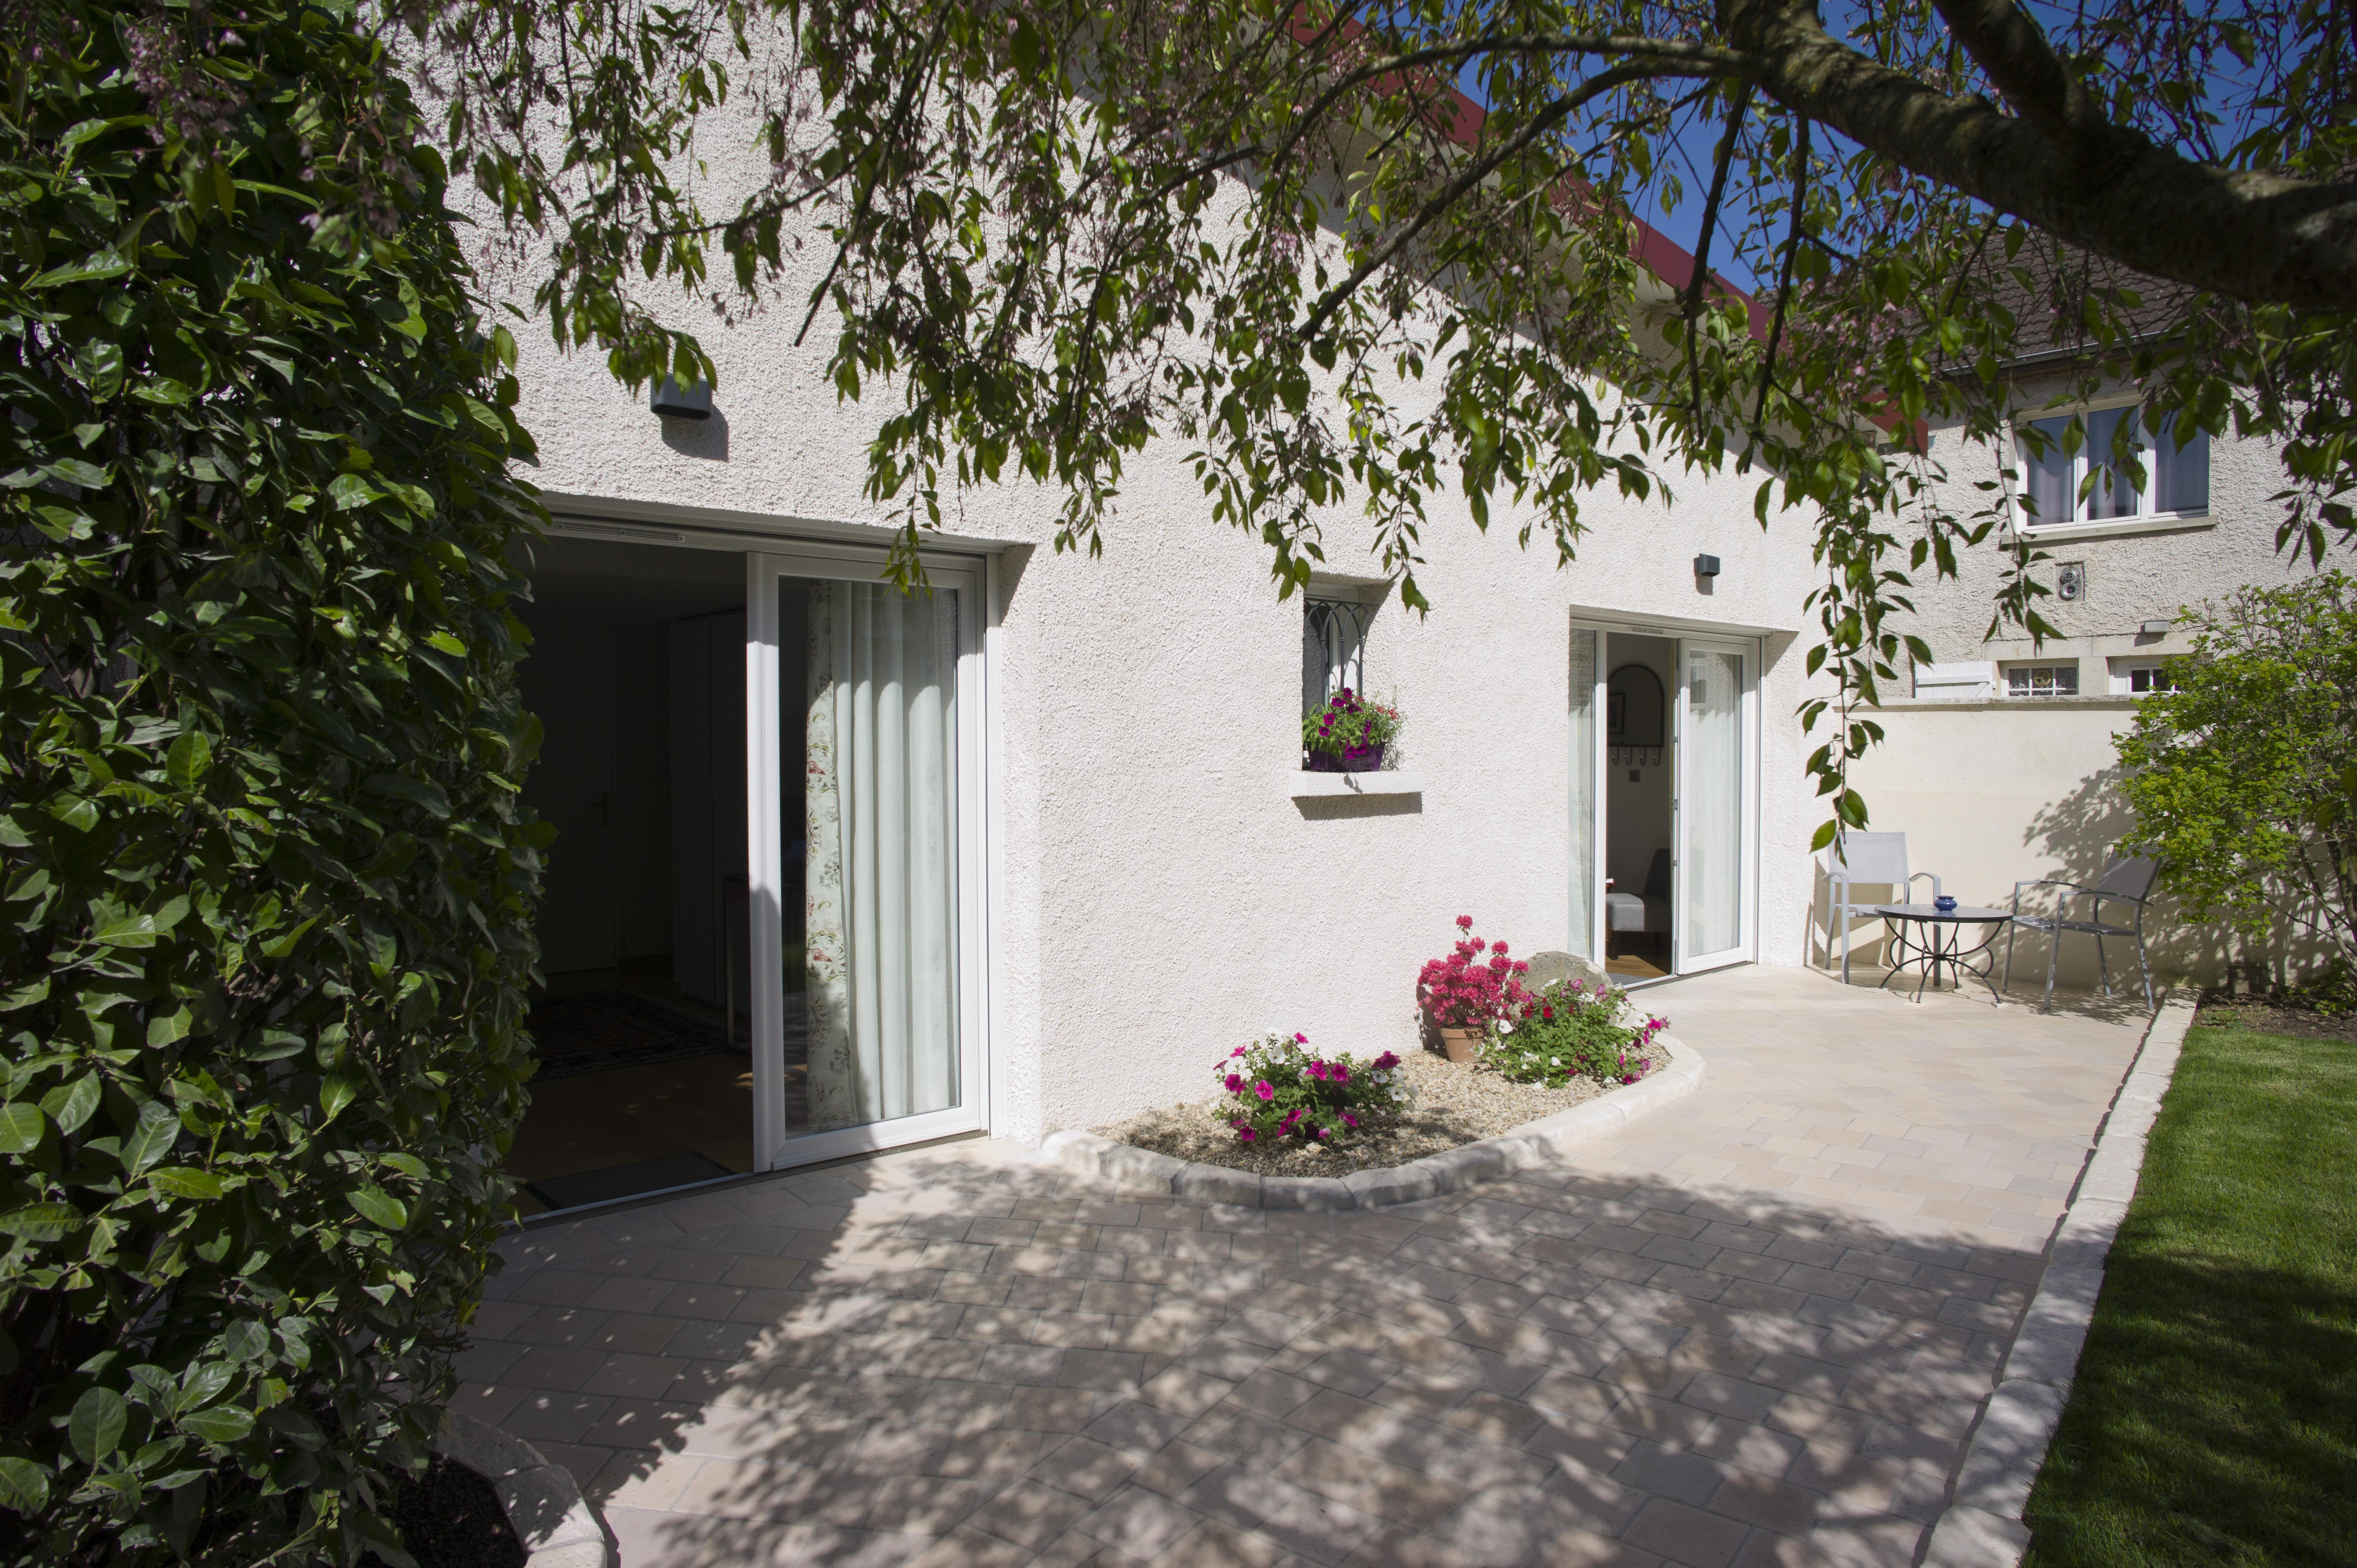 Les Chambres Buissonnieres - Chambres d'Hôtes à Beaune - Ladoix Serrigny